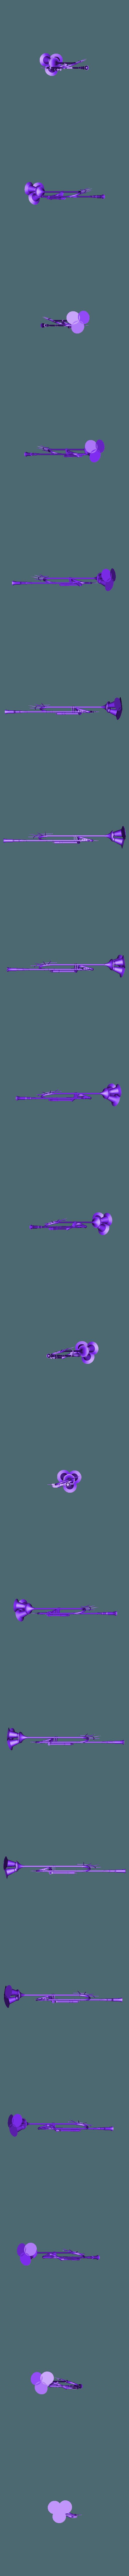 Trompette FireForce ~ Brut.stl Télécharger fichier STL gratuit Arme de Ikuti Kami di dans FireForce • Objet imprimable en 3D, LuliasMartch